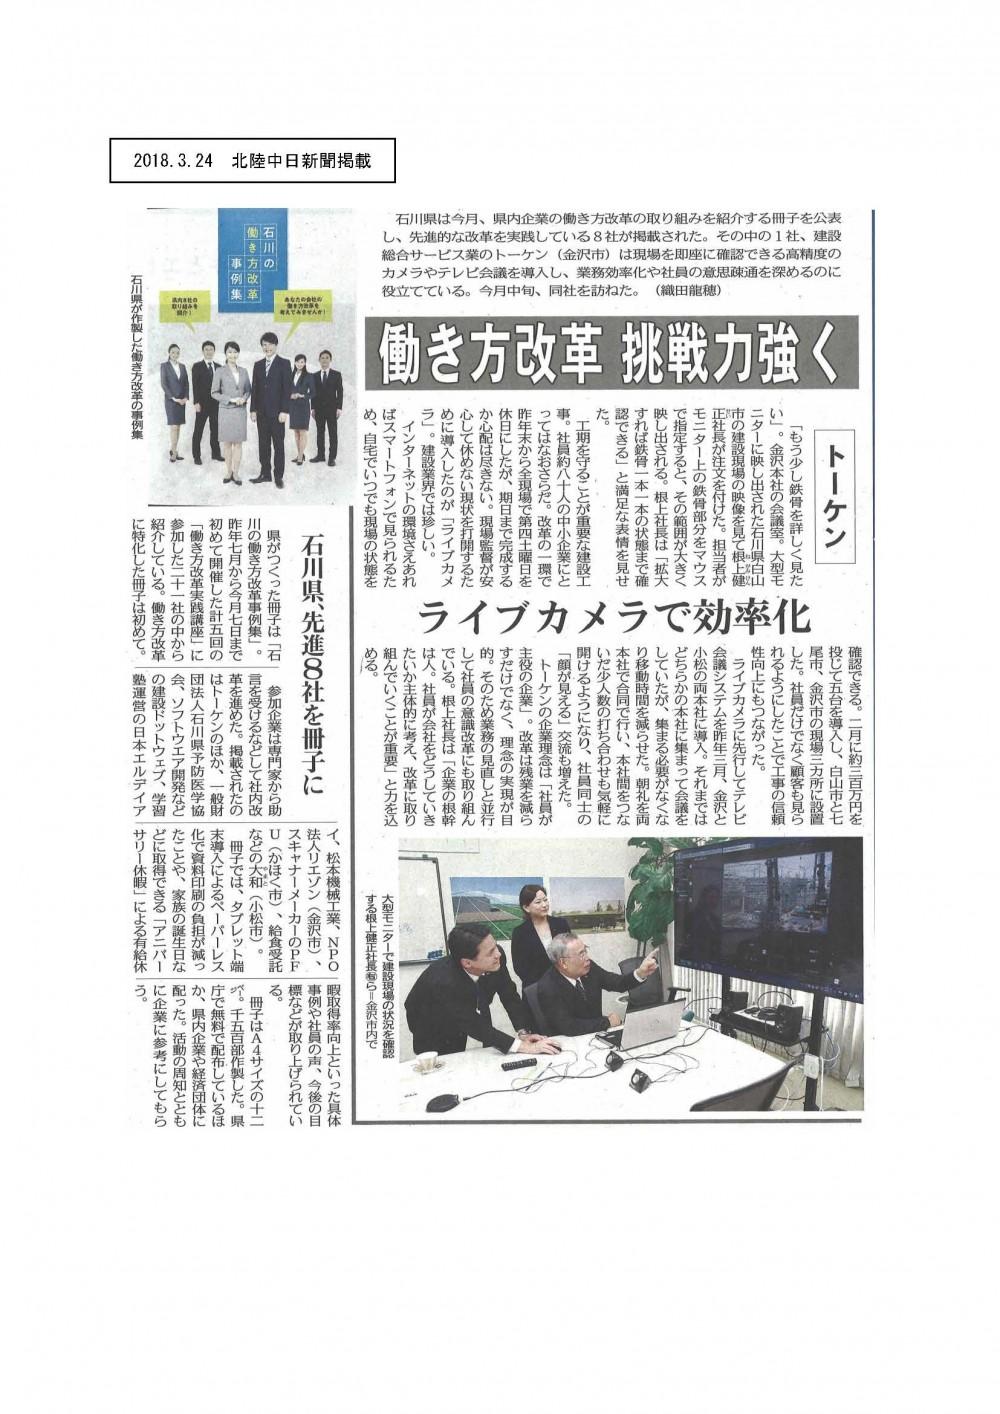 20180324「 働き方改革挑戦力強く」(中日)